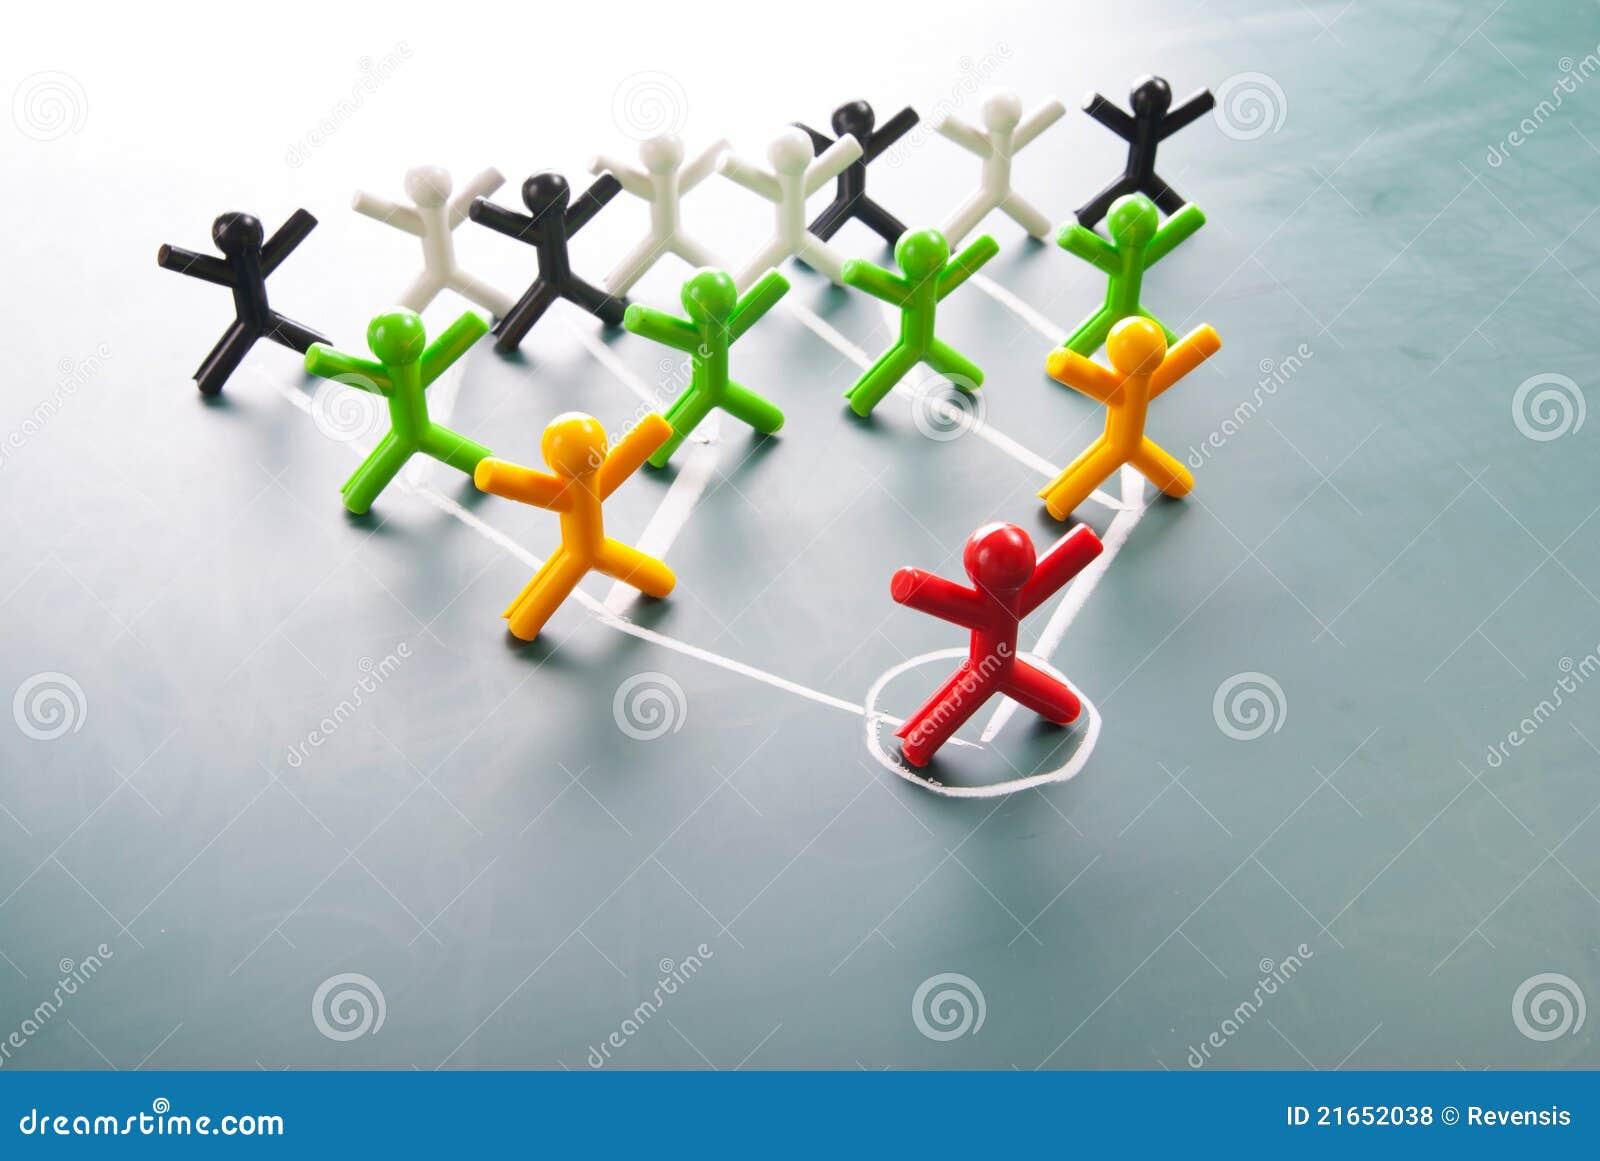 Organisatorisk företags hierarki för diagram